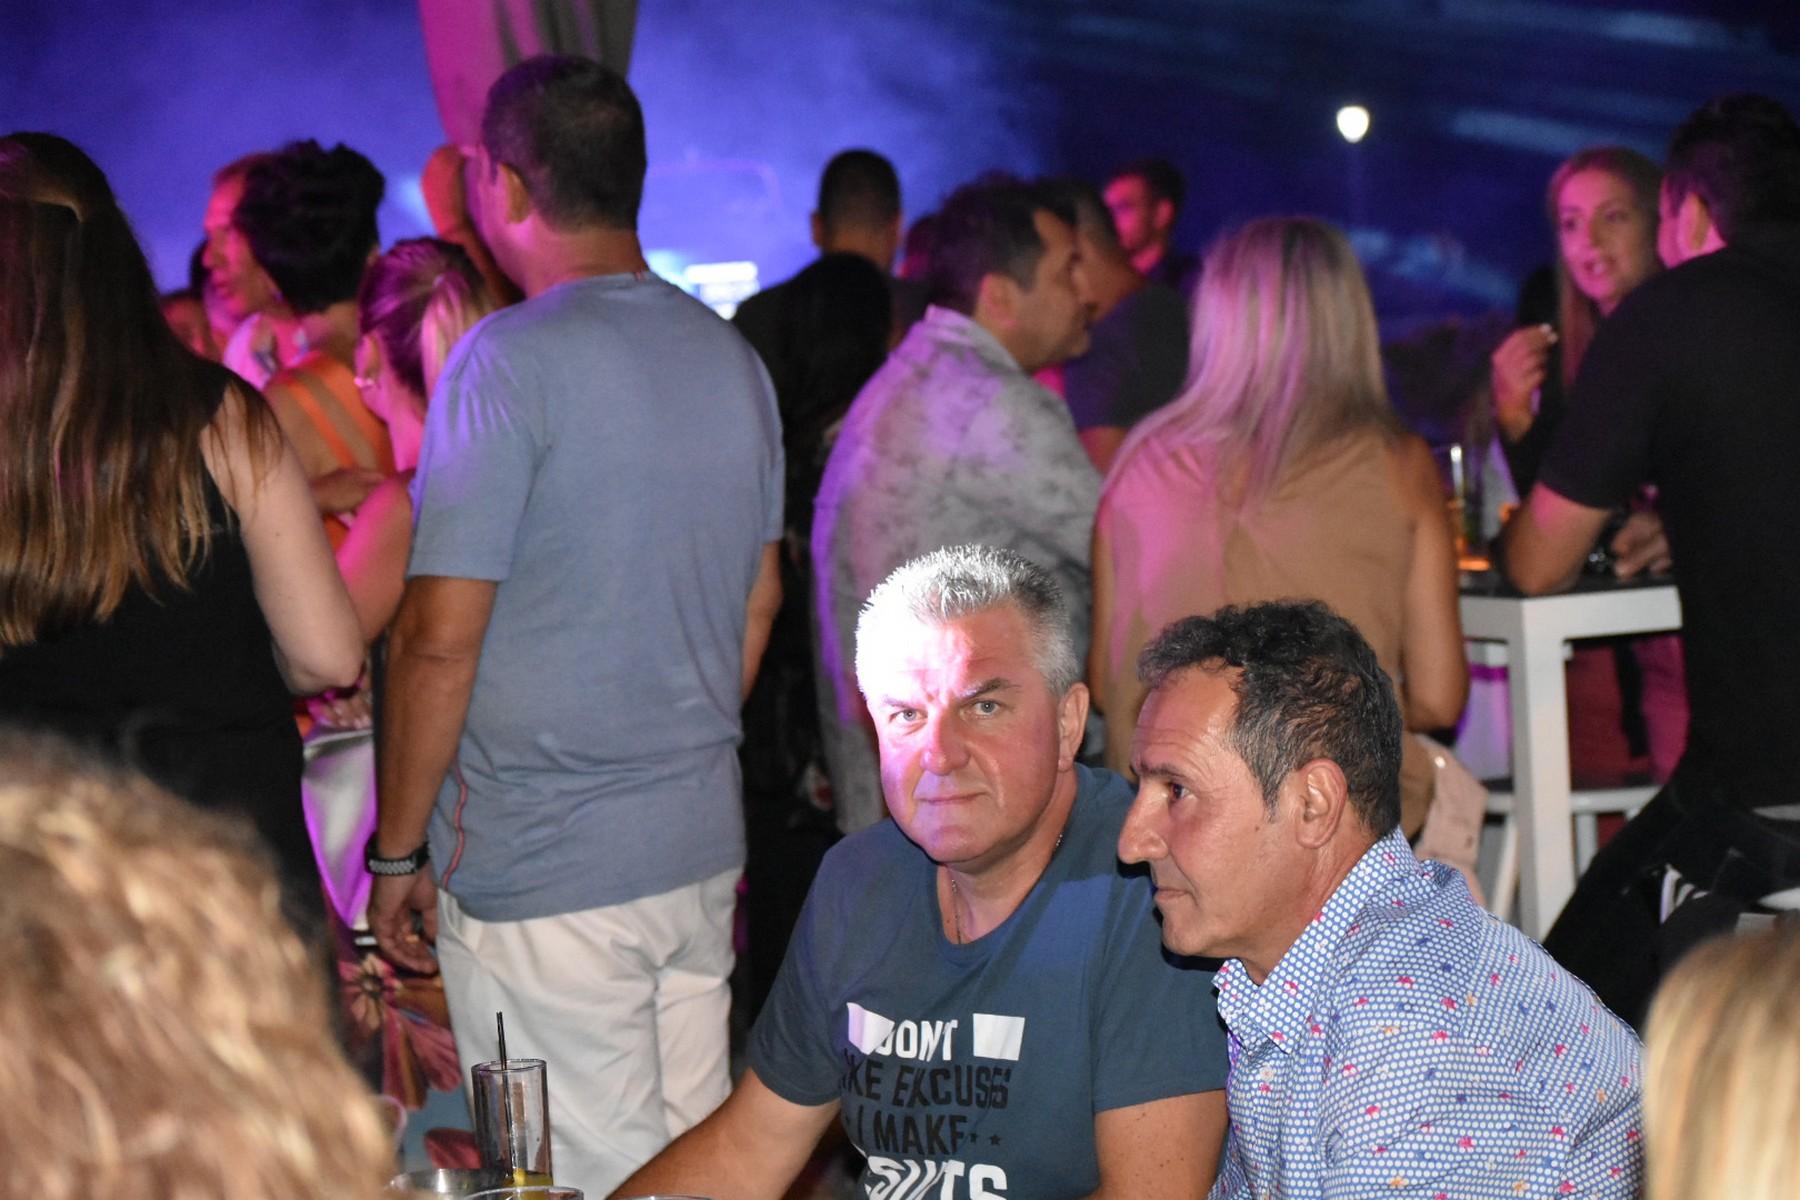 Ο Πλαταμώνας χόρεψε στους ρυθμούς της disco στο πρώτο μεγάλο disco πάρτι μετά την καραντίνα (φωτο - βίντεο)